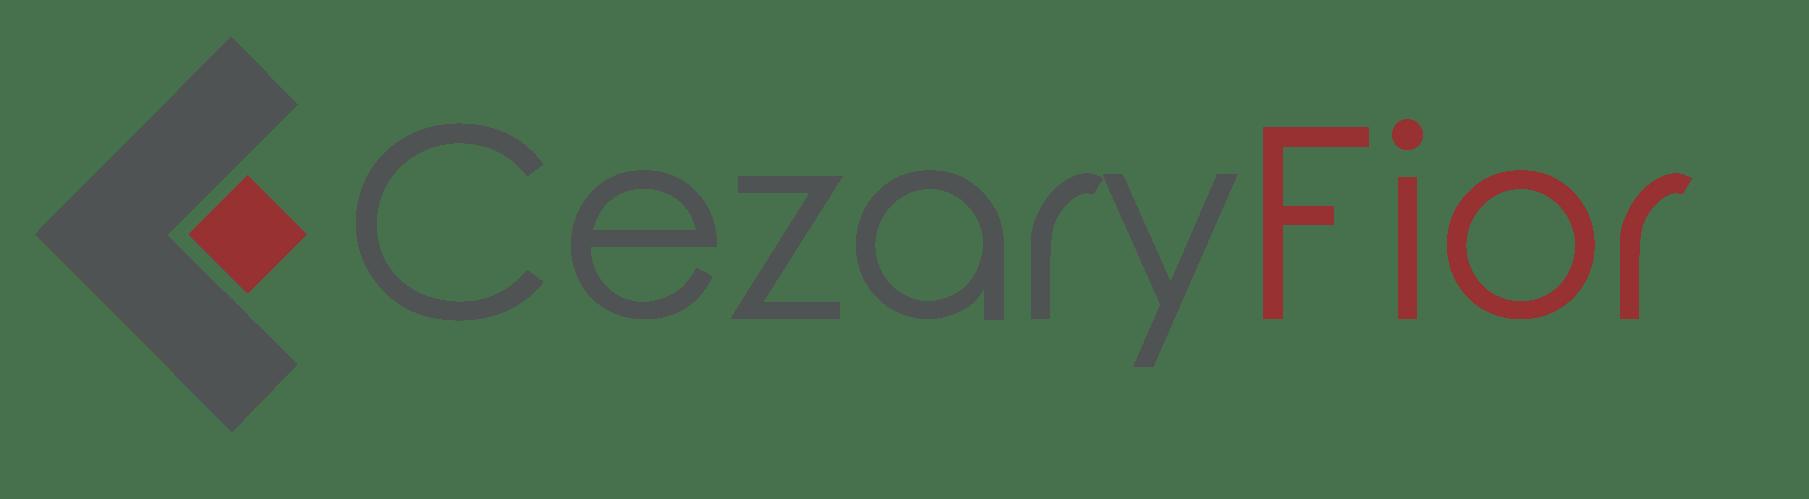 Szkolenia dla Handlowców - Cezary Fior - Trener Sprzedaży